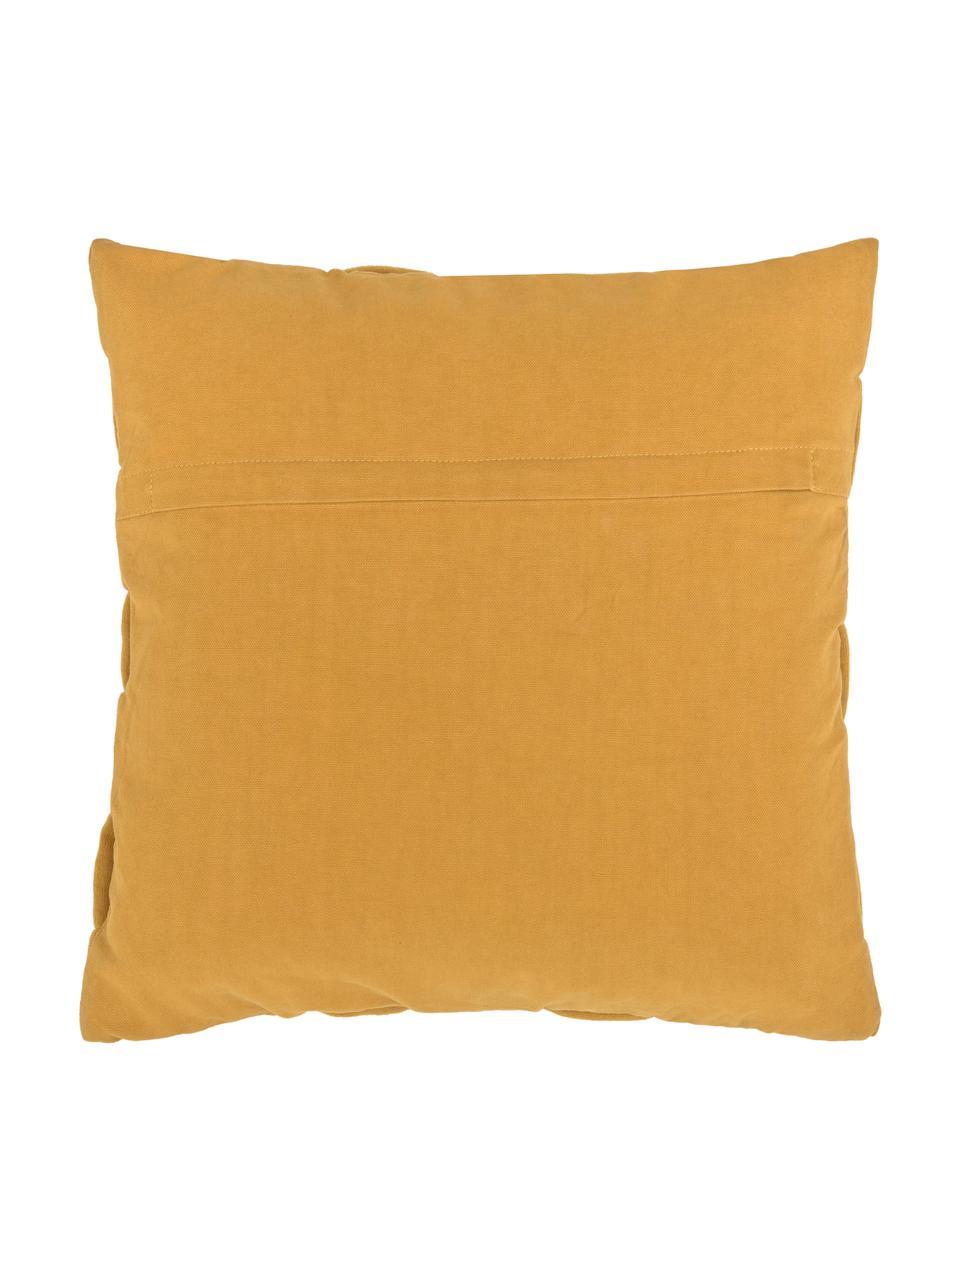 Housse de coussin 40x40 jaune moutarde Norman, Jaune moutarde